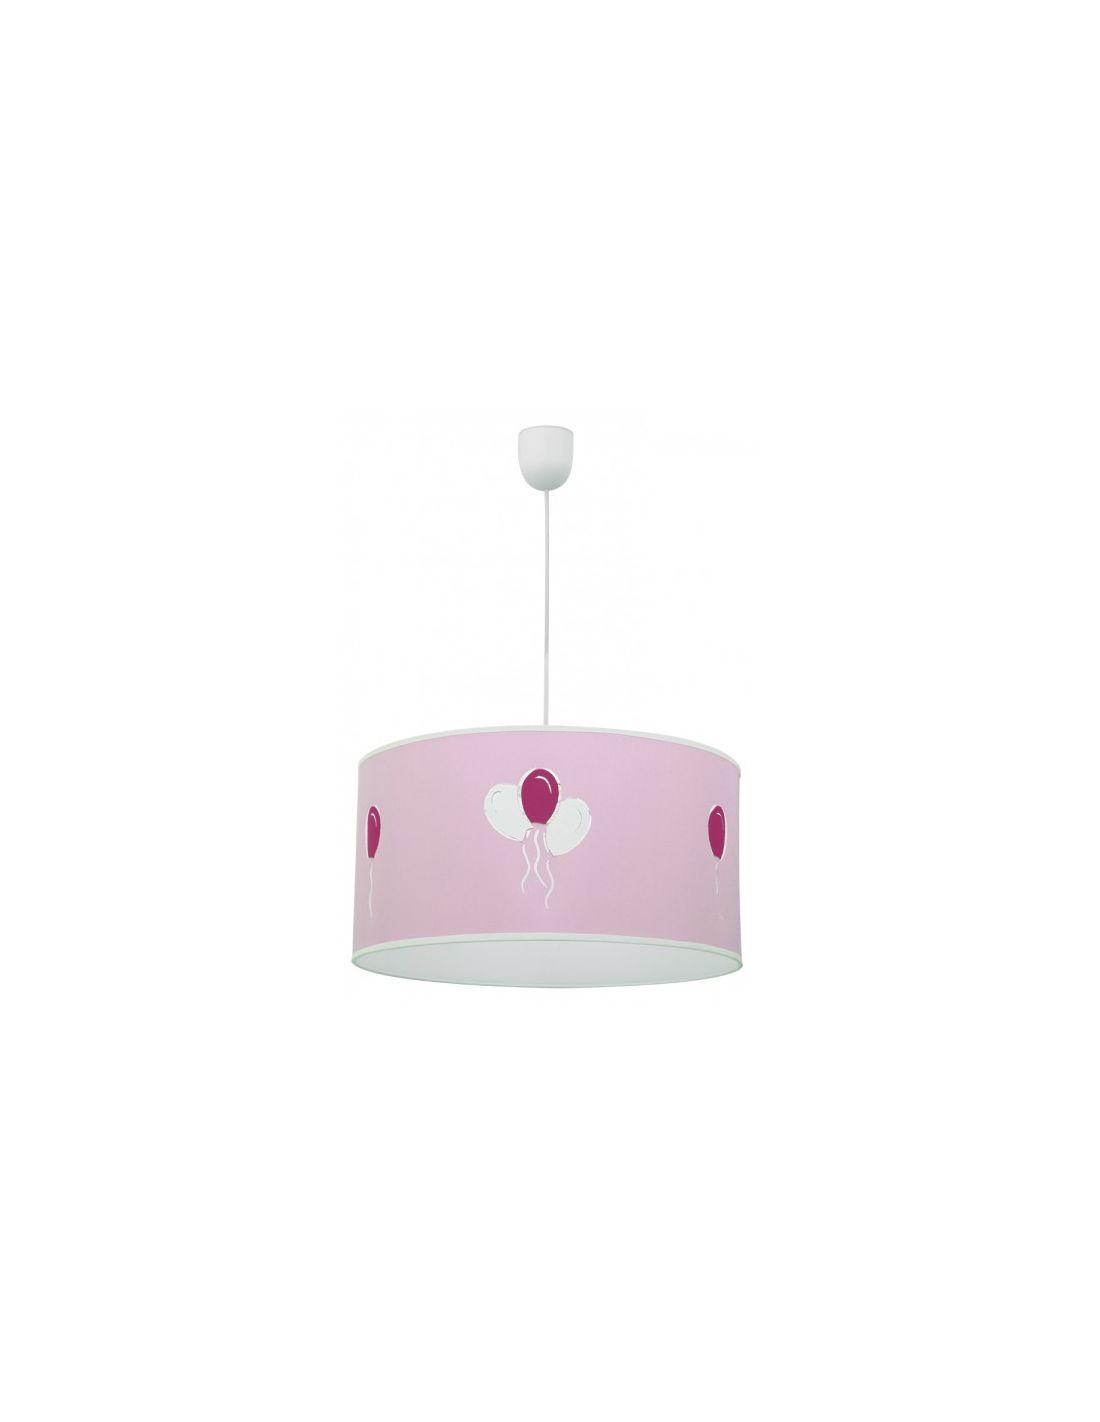 L mpara para ni as en color rosa ofertas - Lamparas de techo para ninas ...